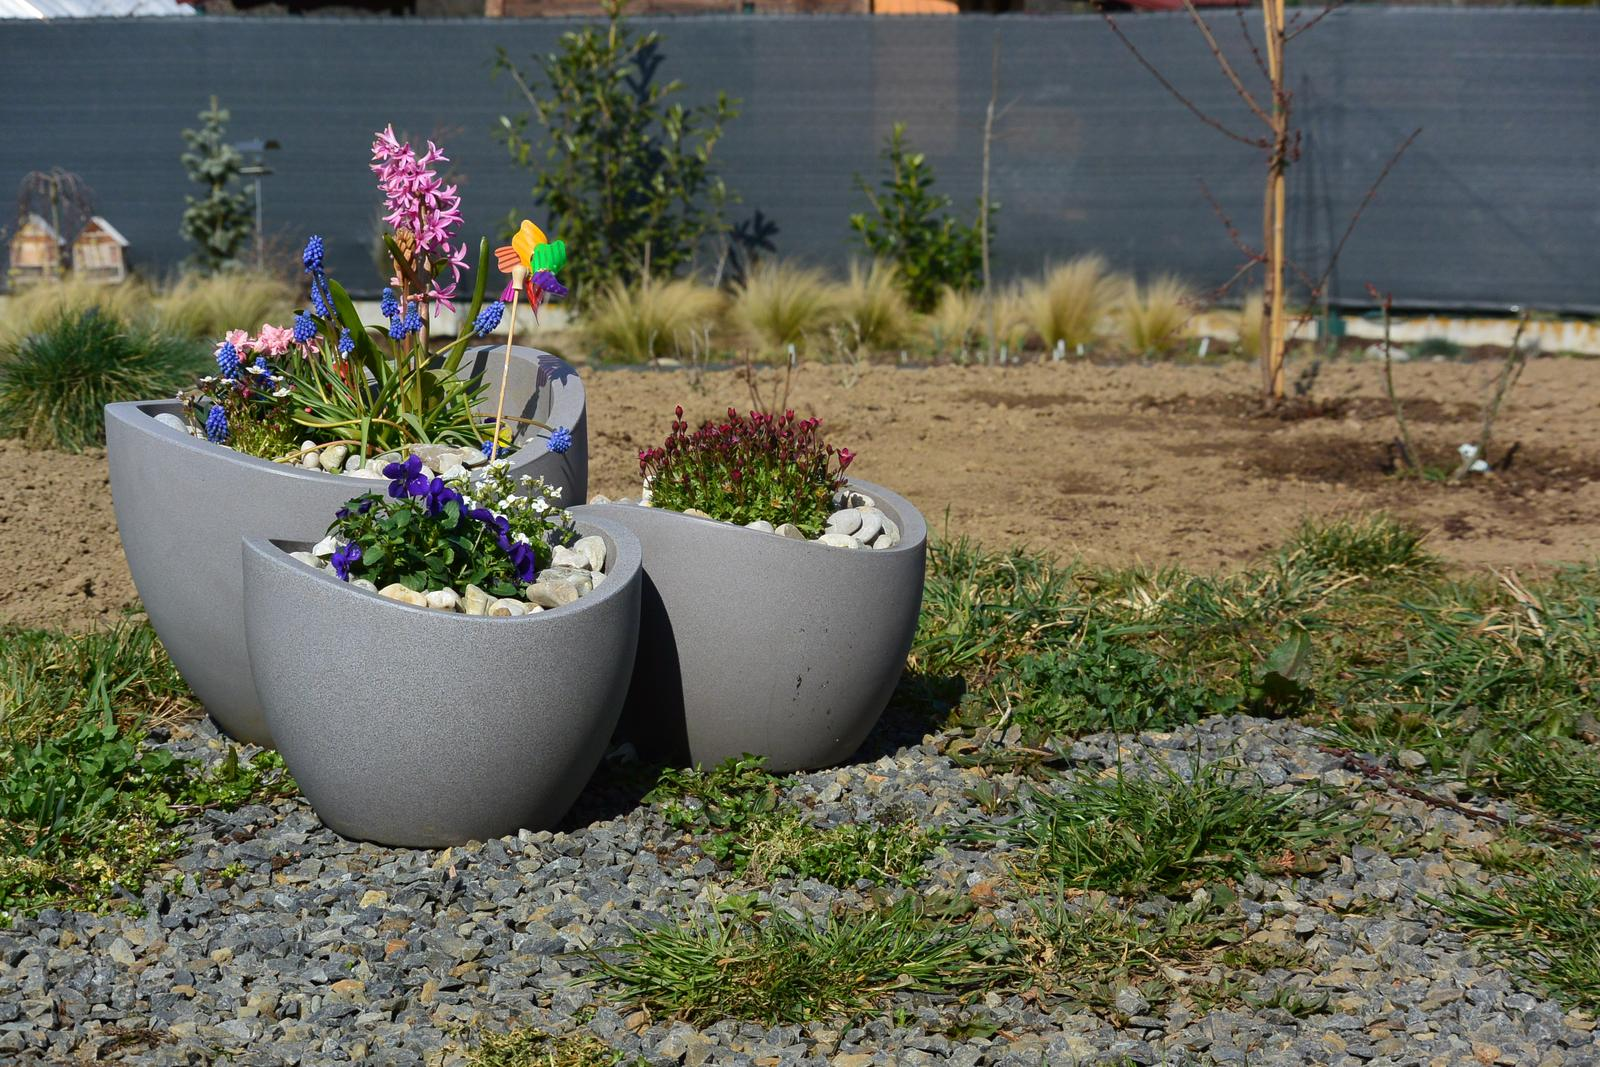 Motýlí zahrada 2019-2020 - Květnináče osazené a záhon za nimi také. :-) Dlažba asi příští rok...